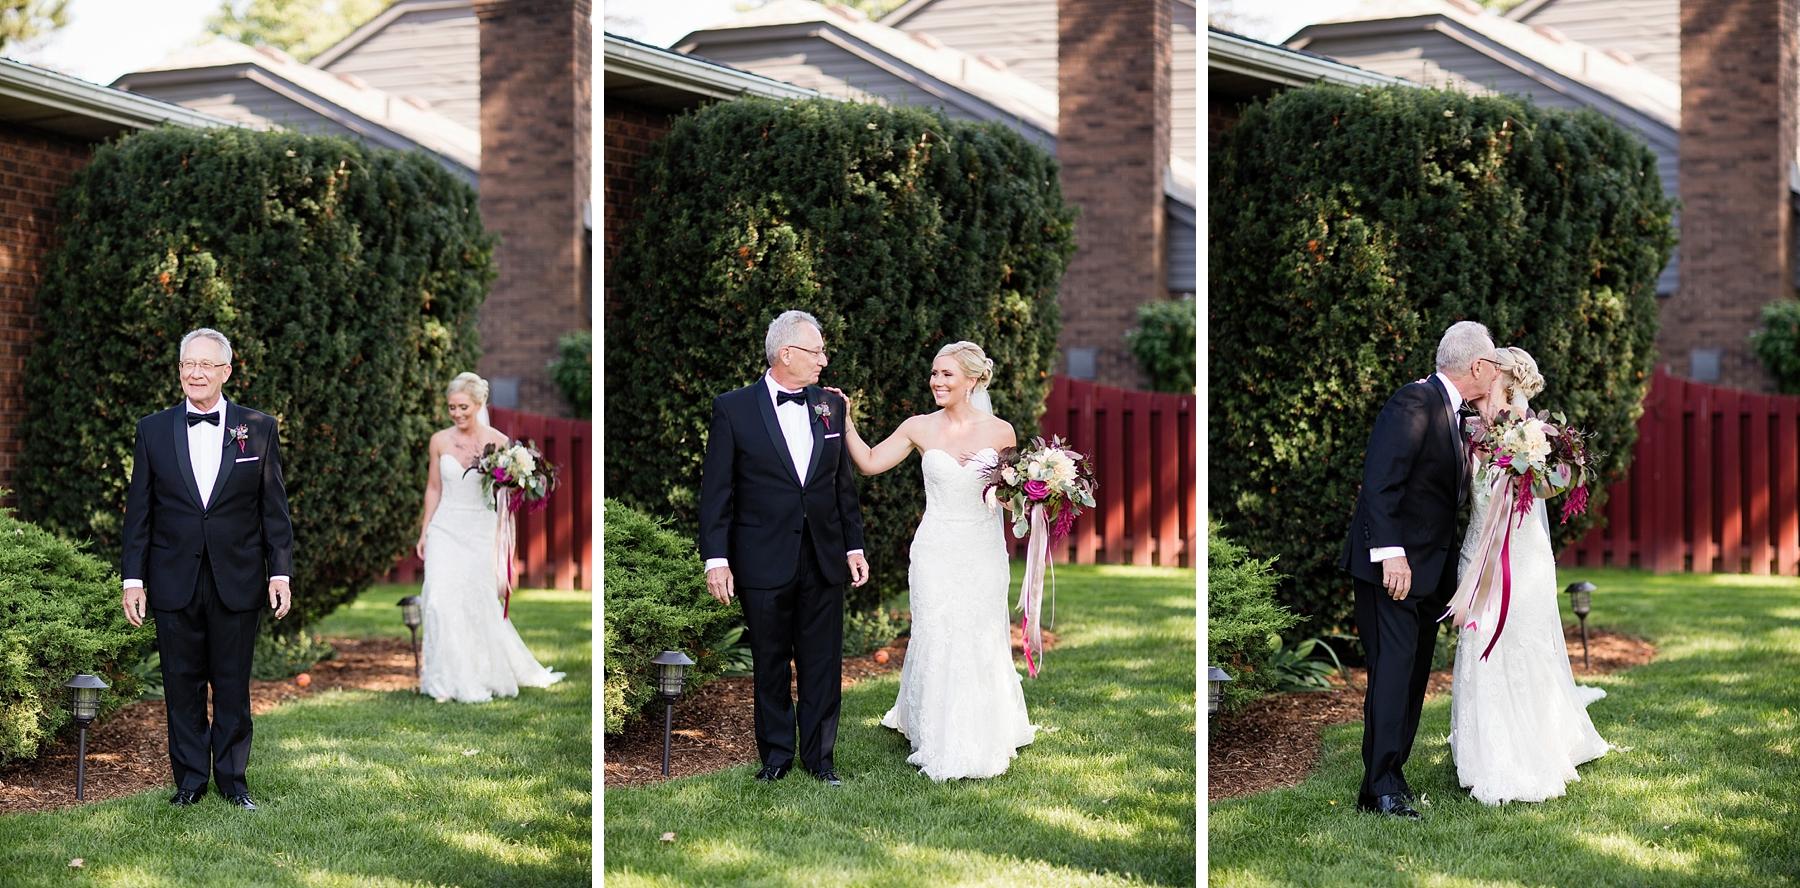 windsor-wedding-photographer-essex-golf-country-club-wedding-eryn-shea-photography_0019.jpg